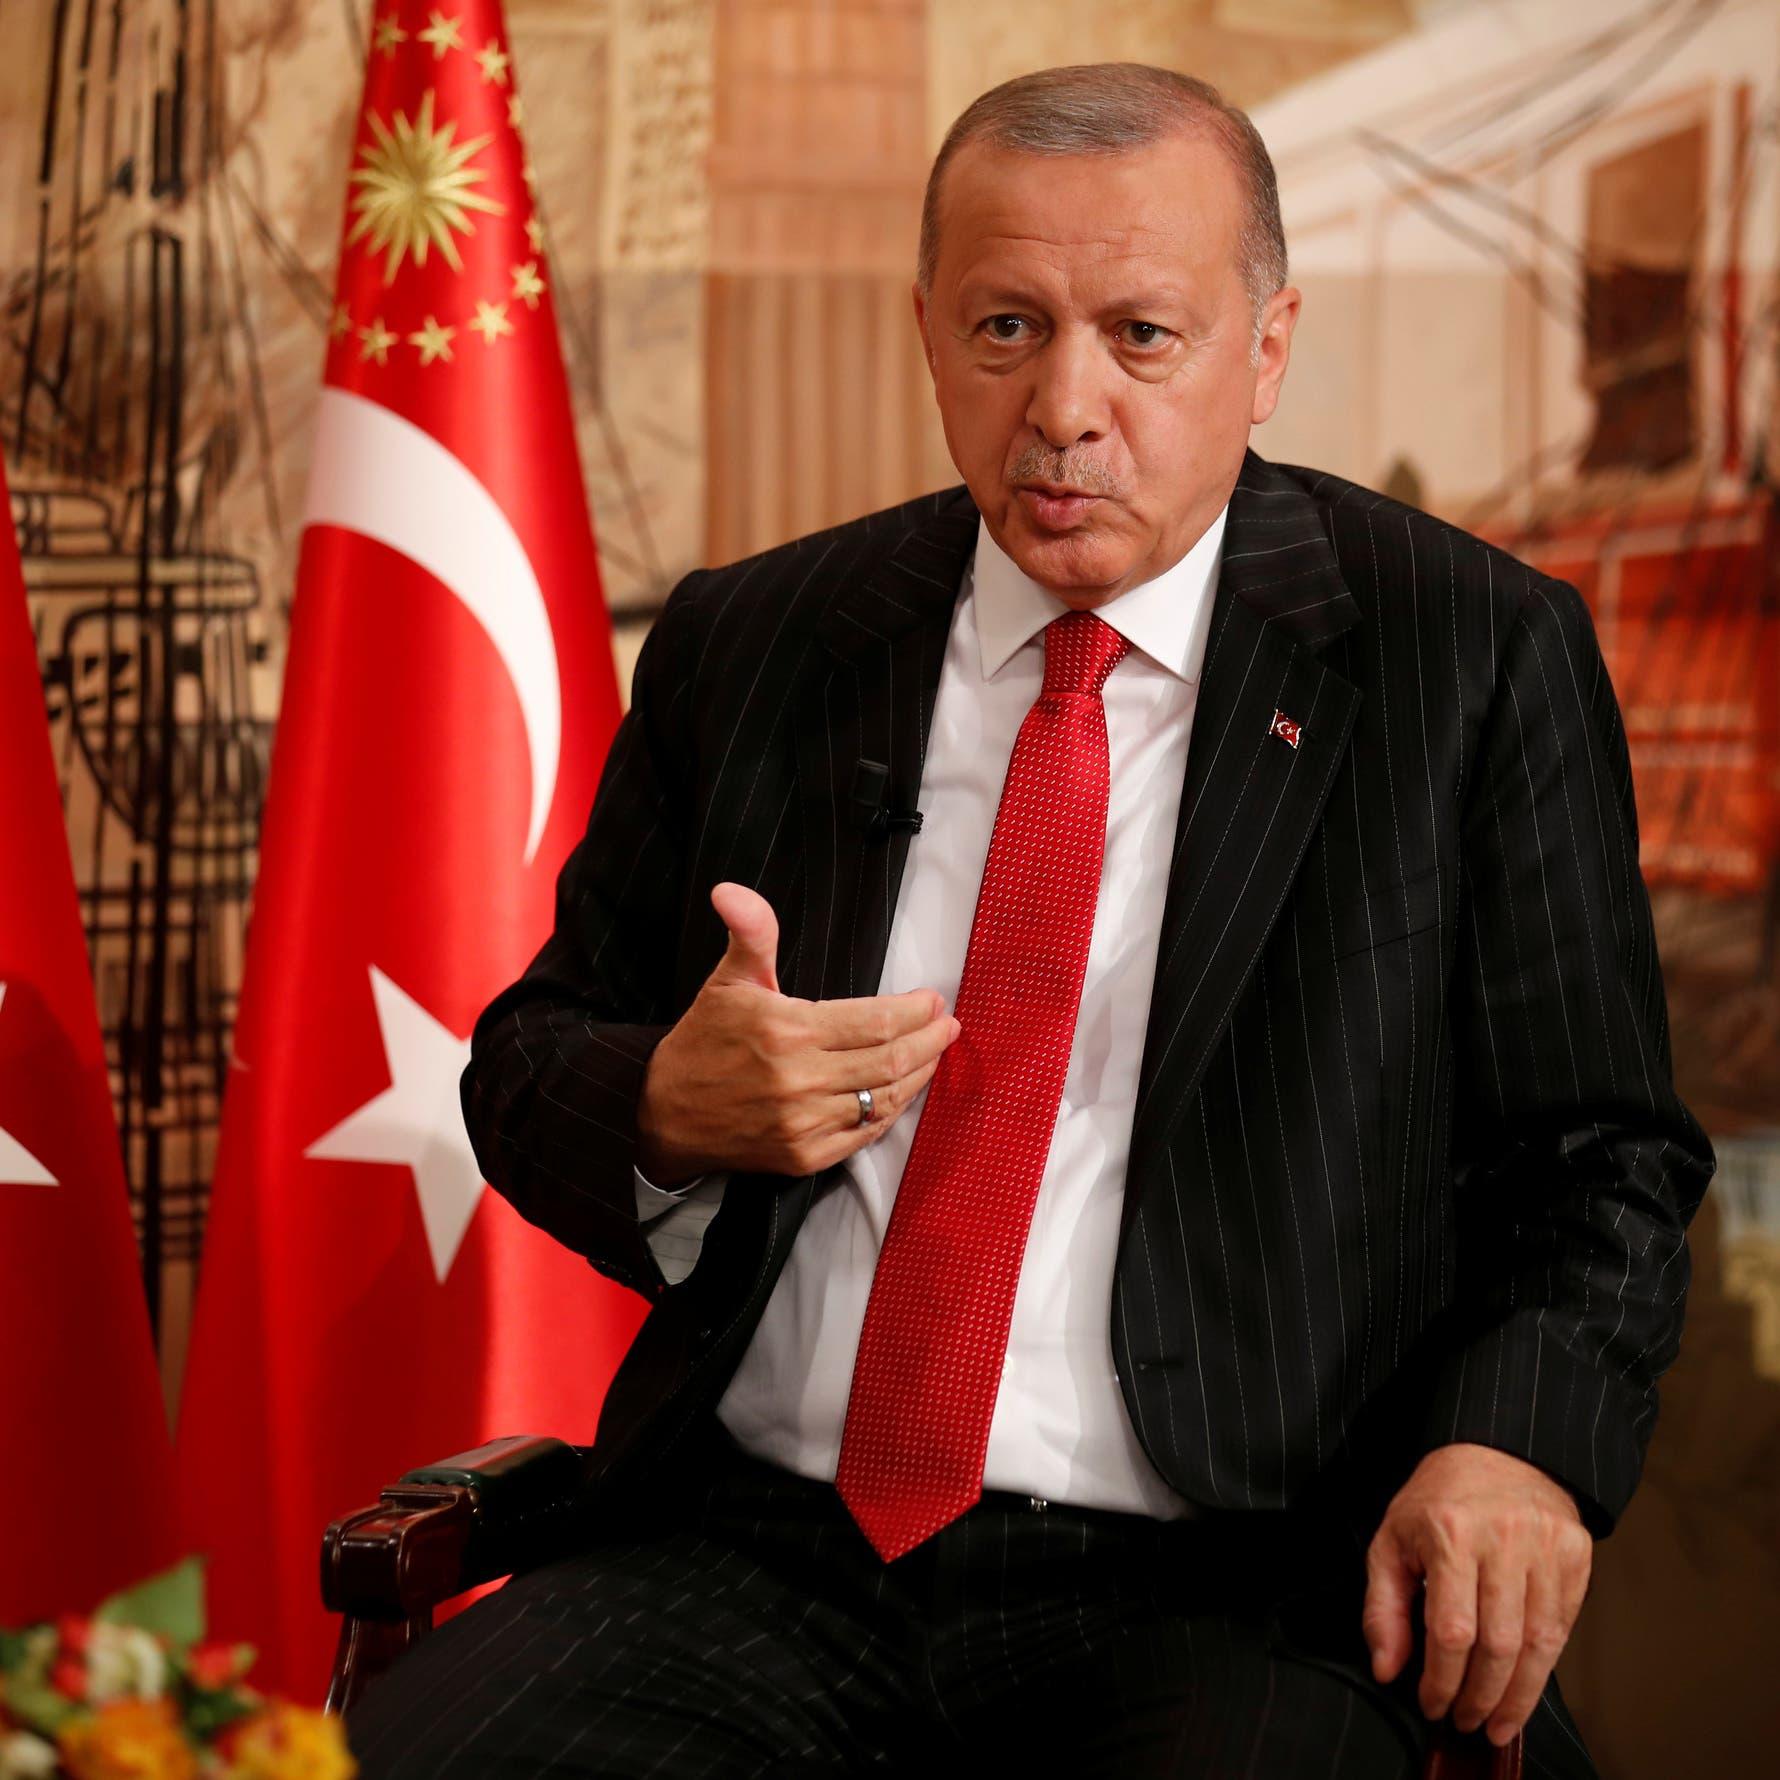 عضو بالكونغرس لأردوغان: هزيمتك بالانتخابات وراء غزو سوريا